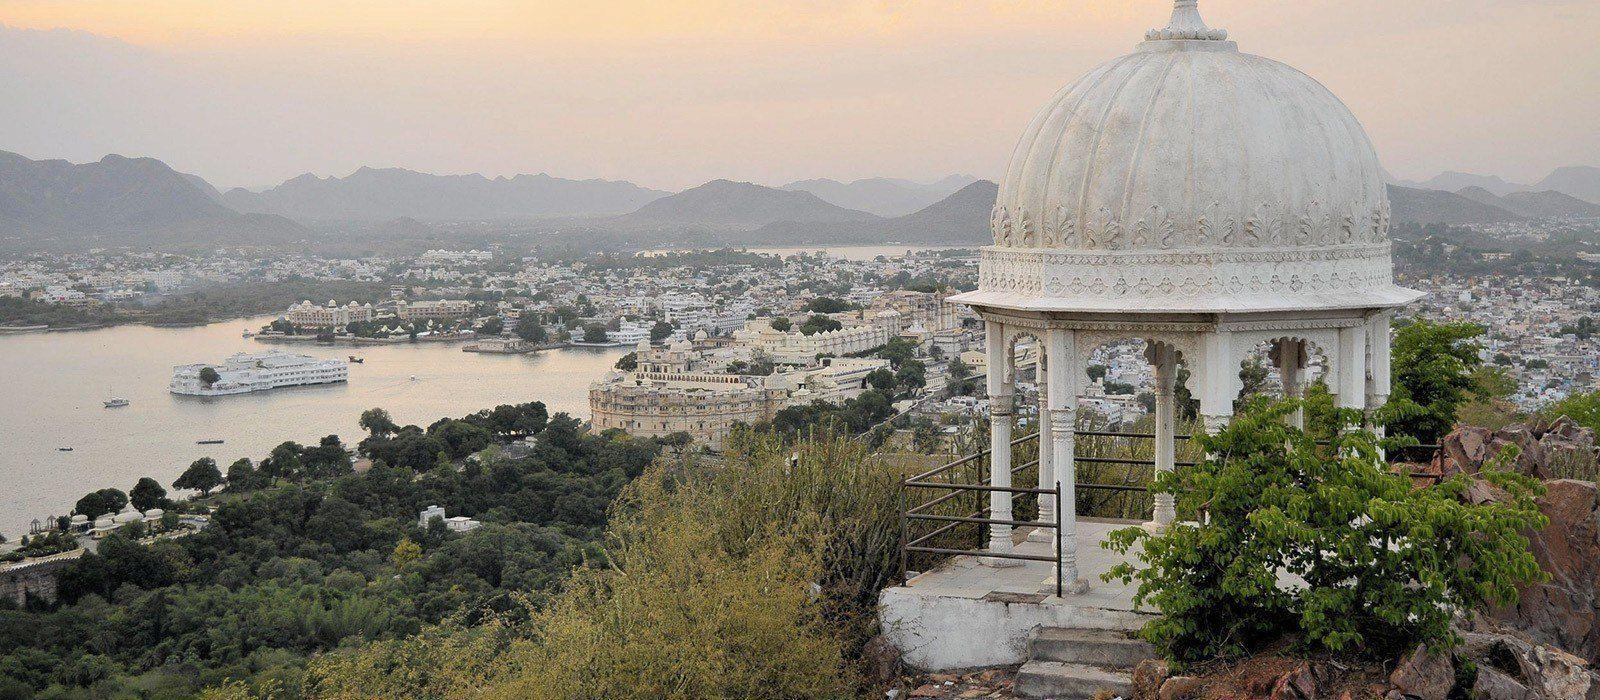 Destination Udaipur North India